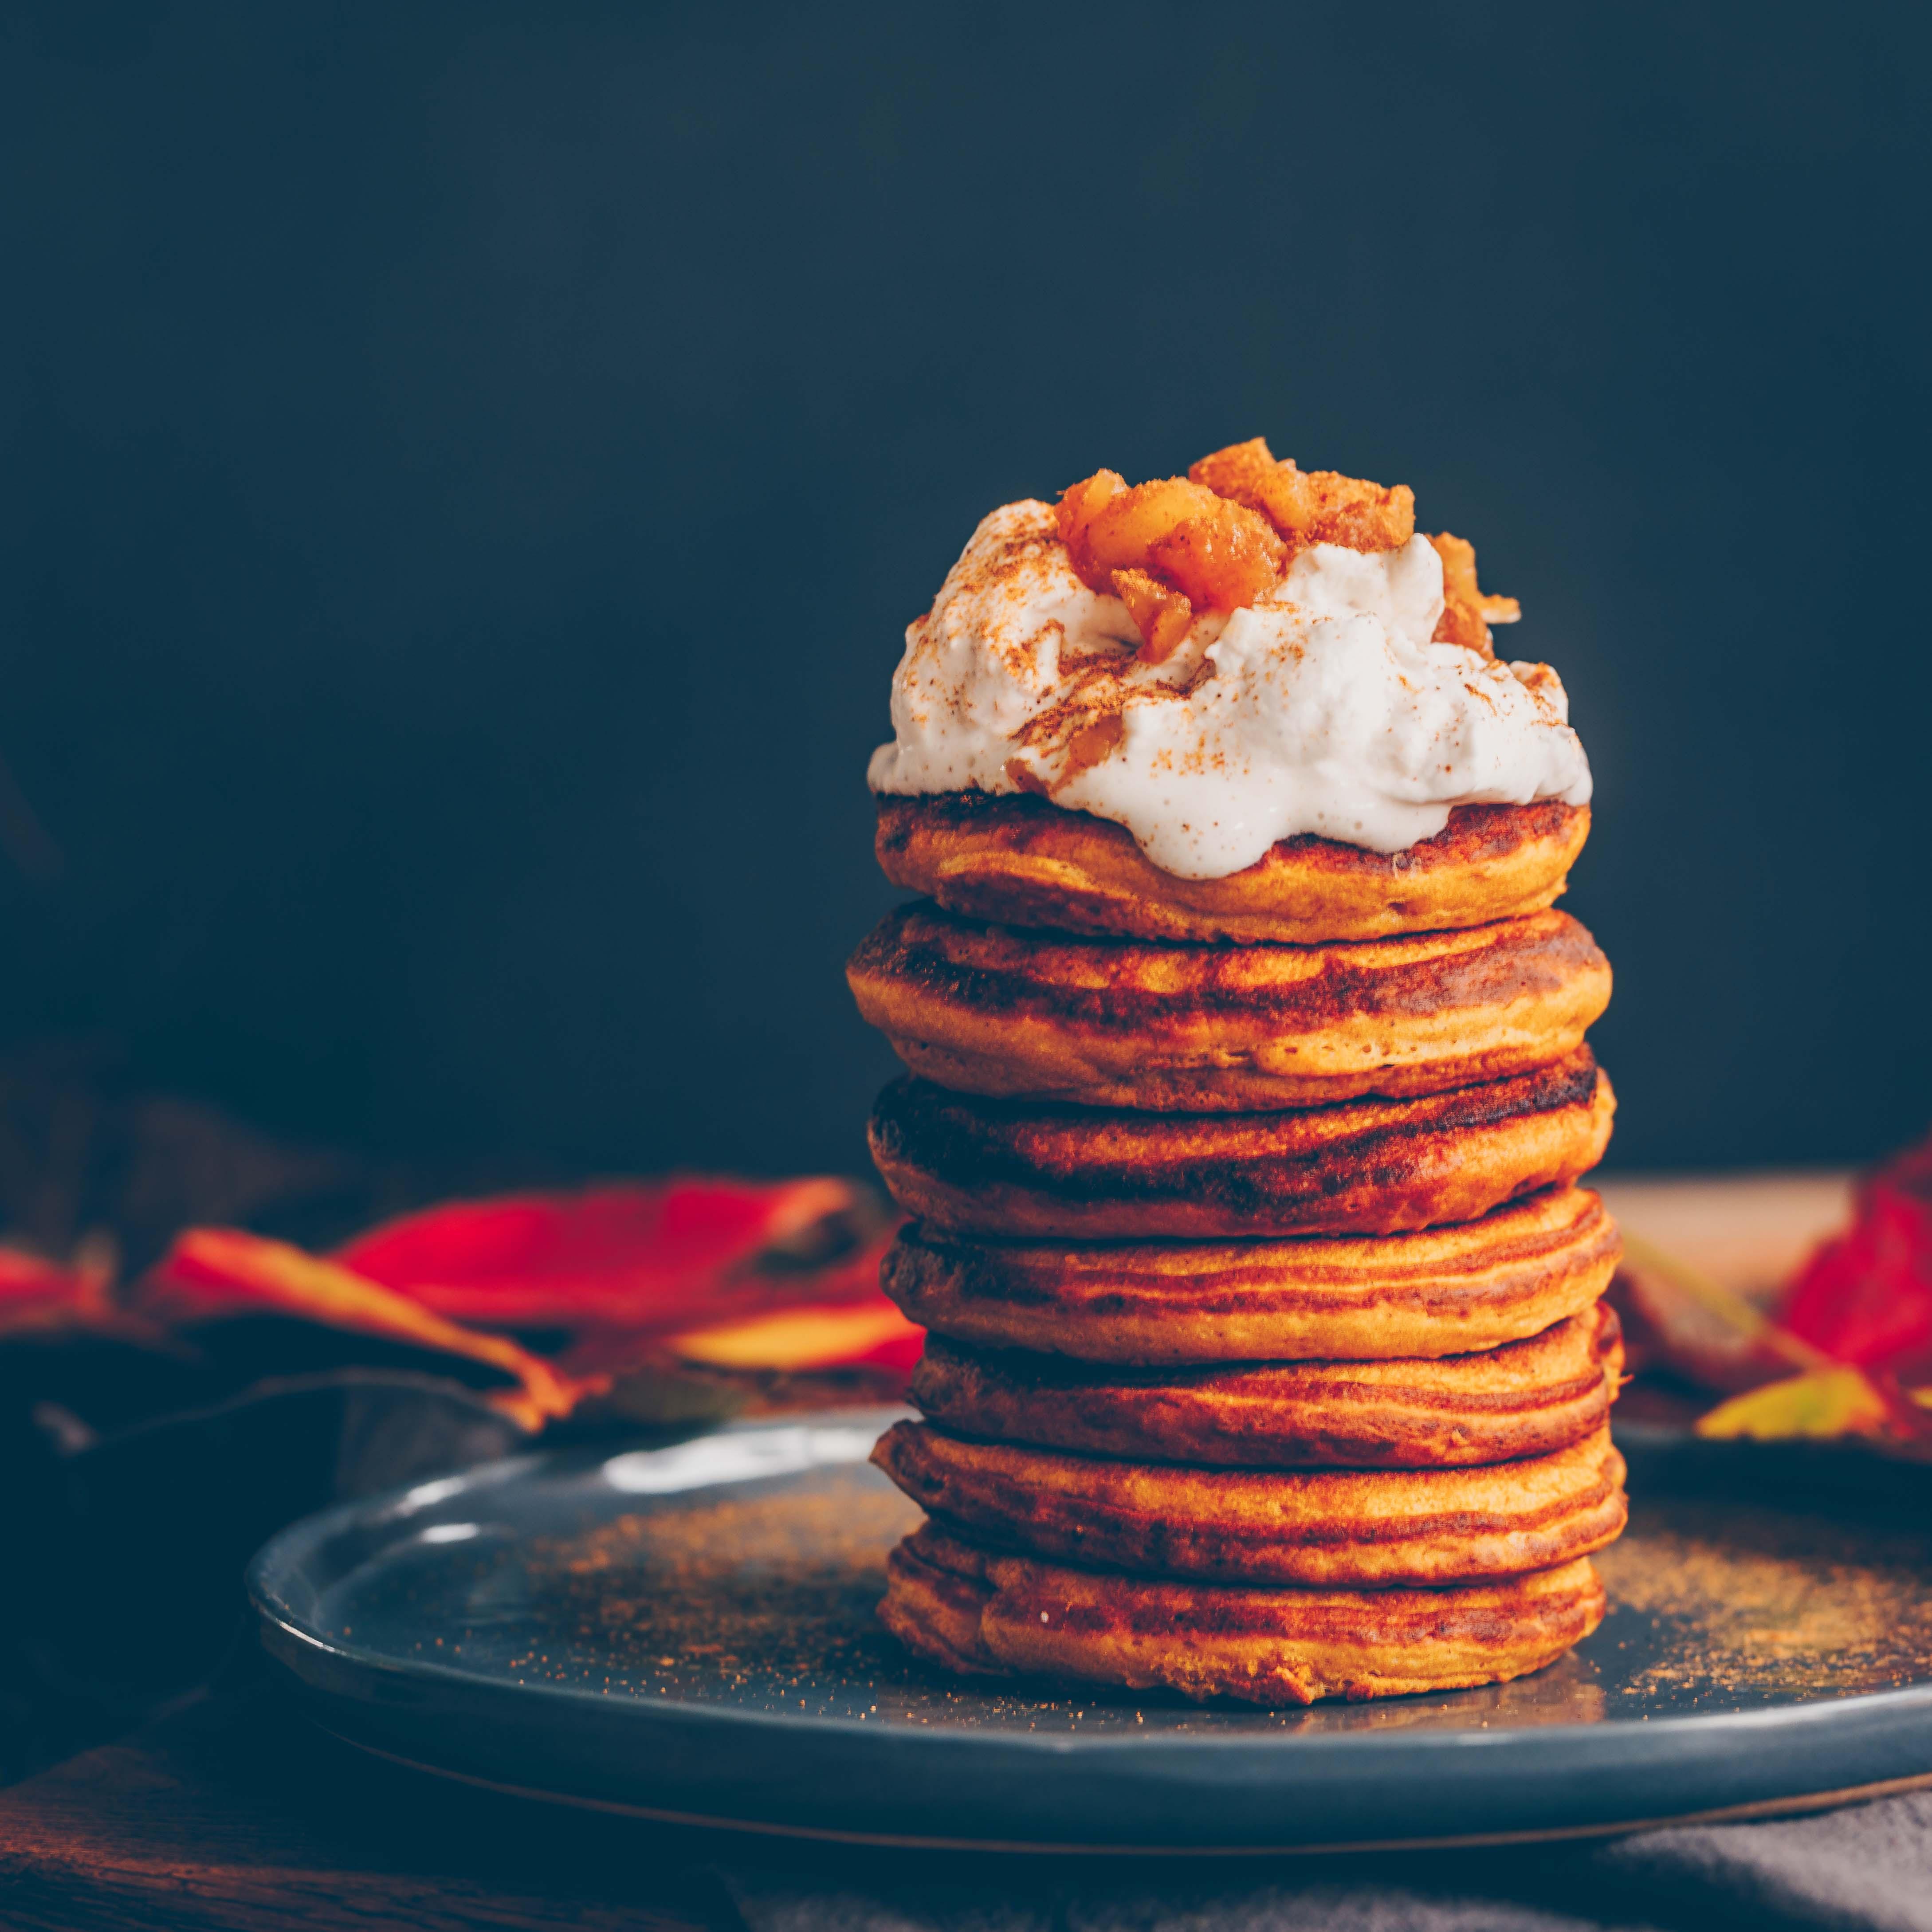 vegane Kürbis-Pancakes mit Apfel-Zimt Sahne